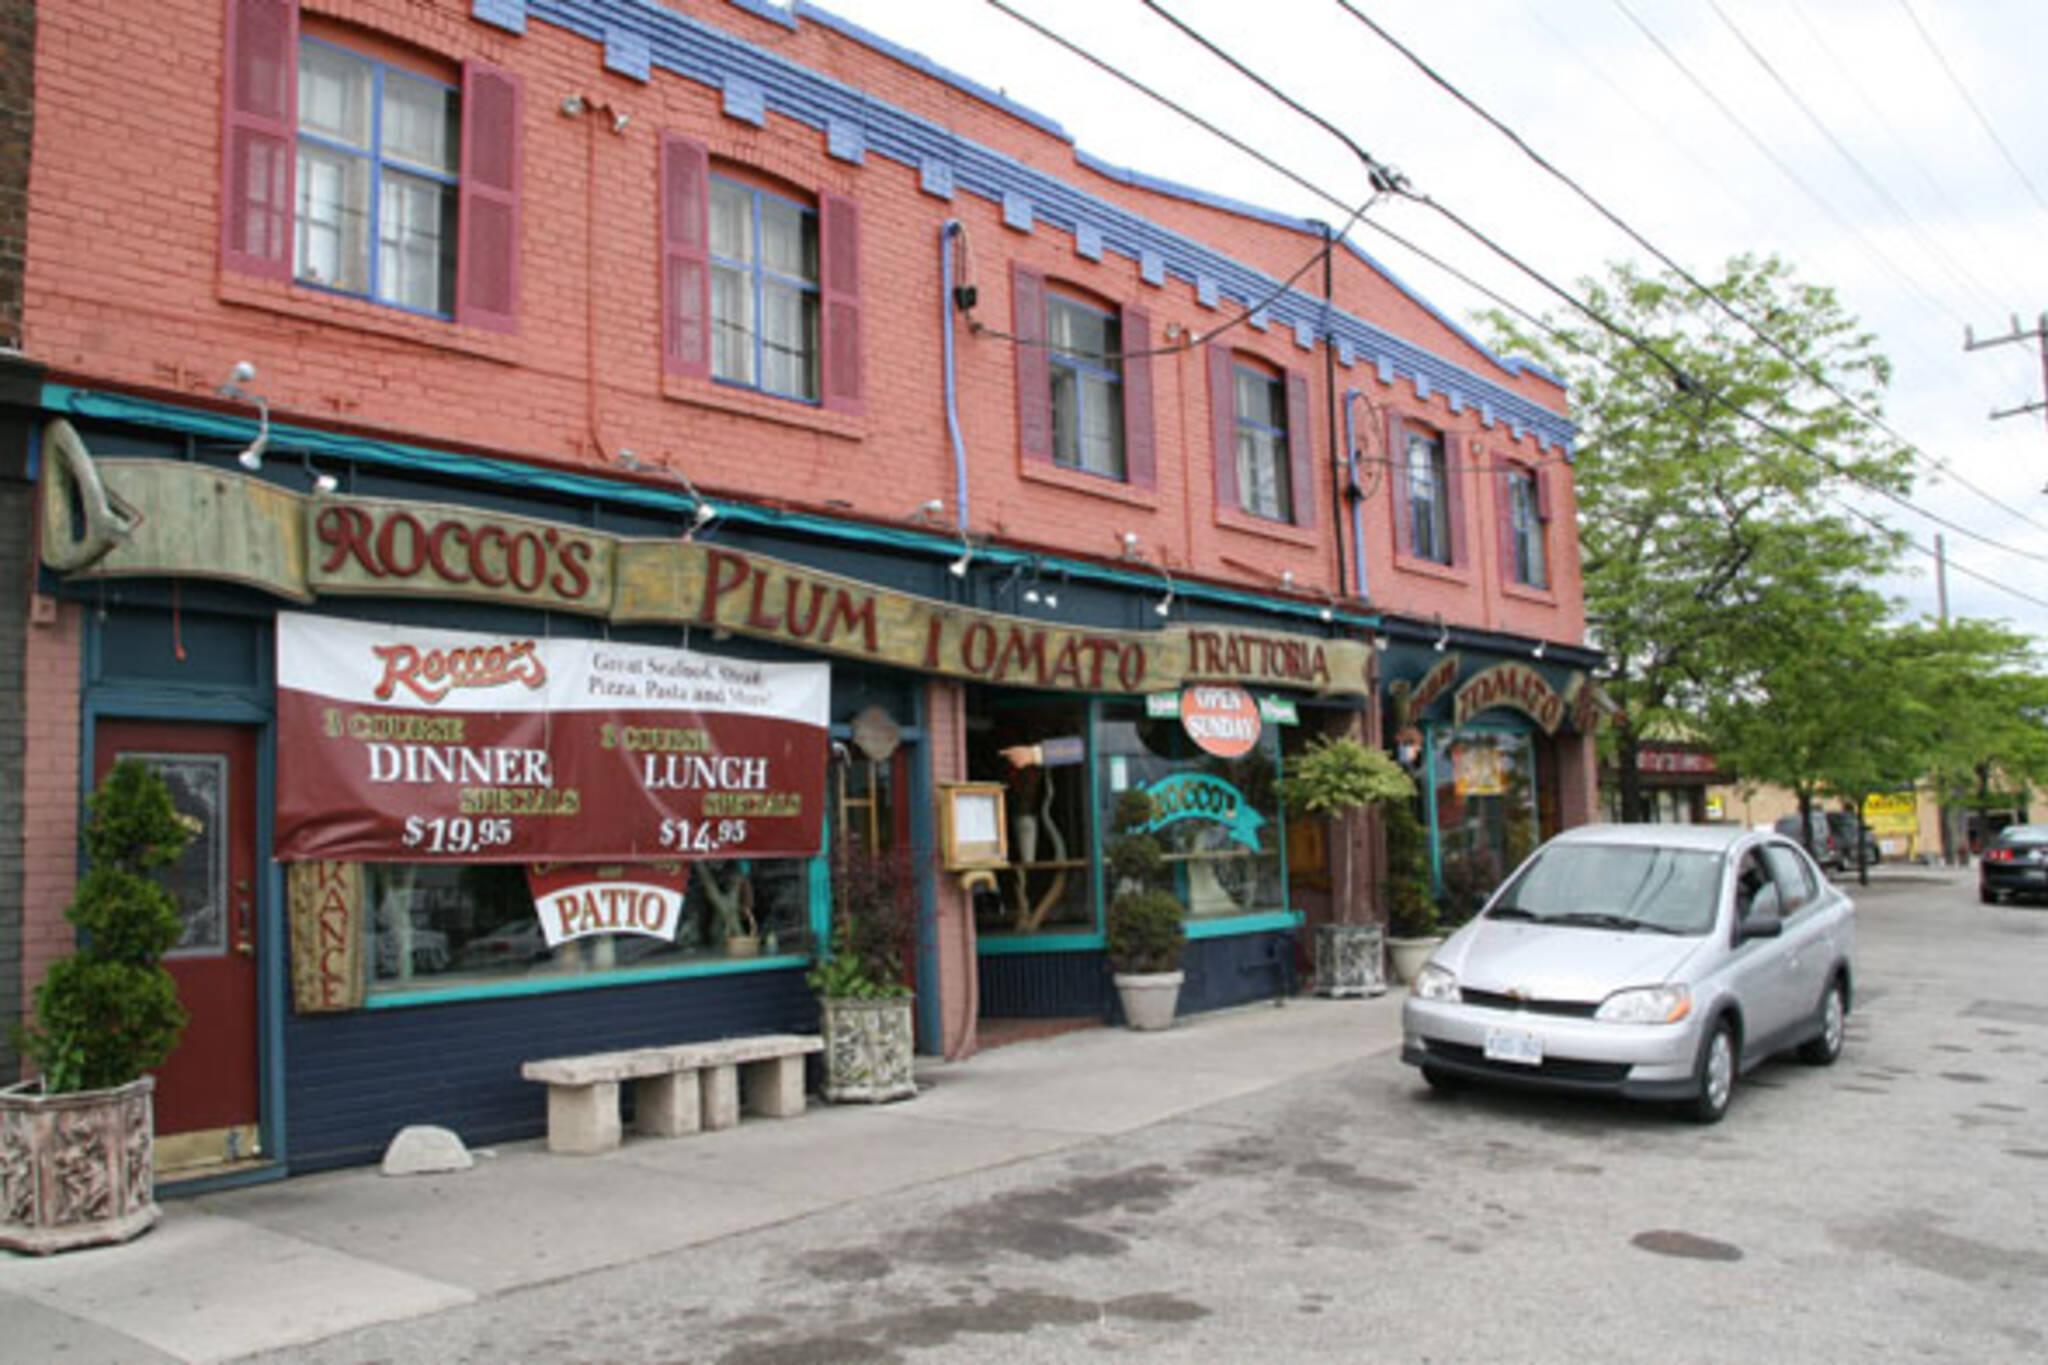 Rocco's Plum Tomato Queensway Toronto